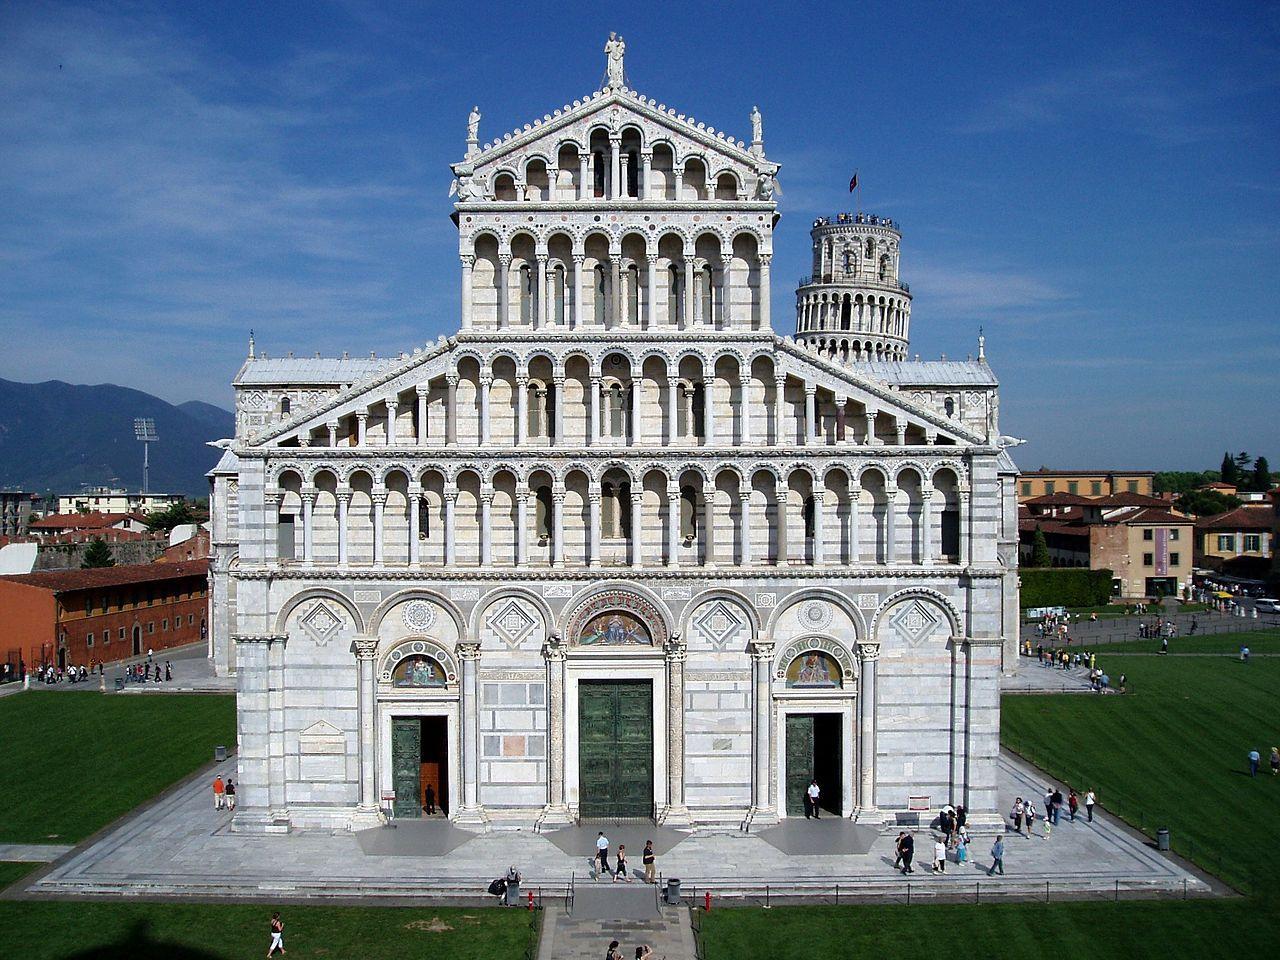 Duomo di Pisa.jpg